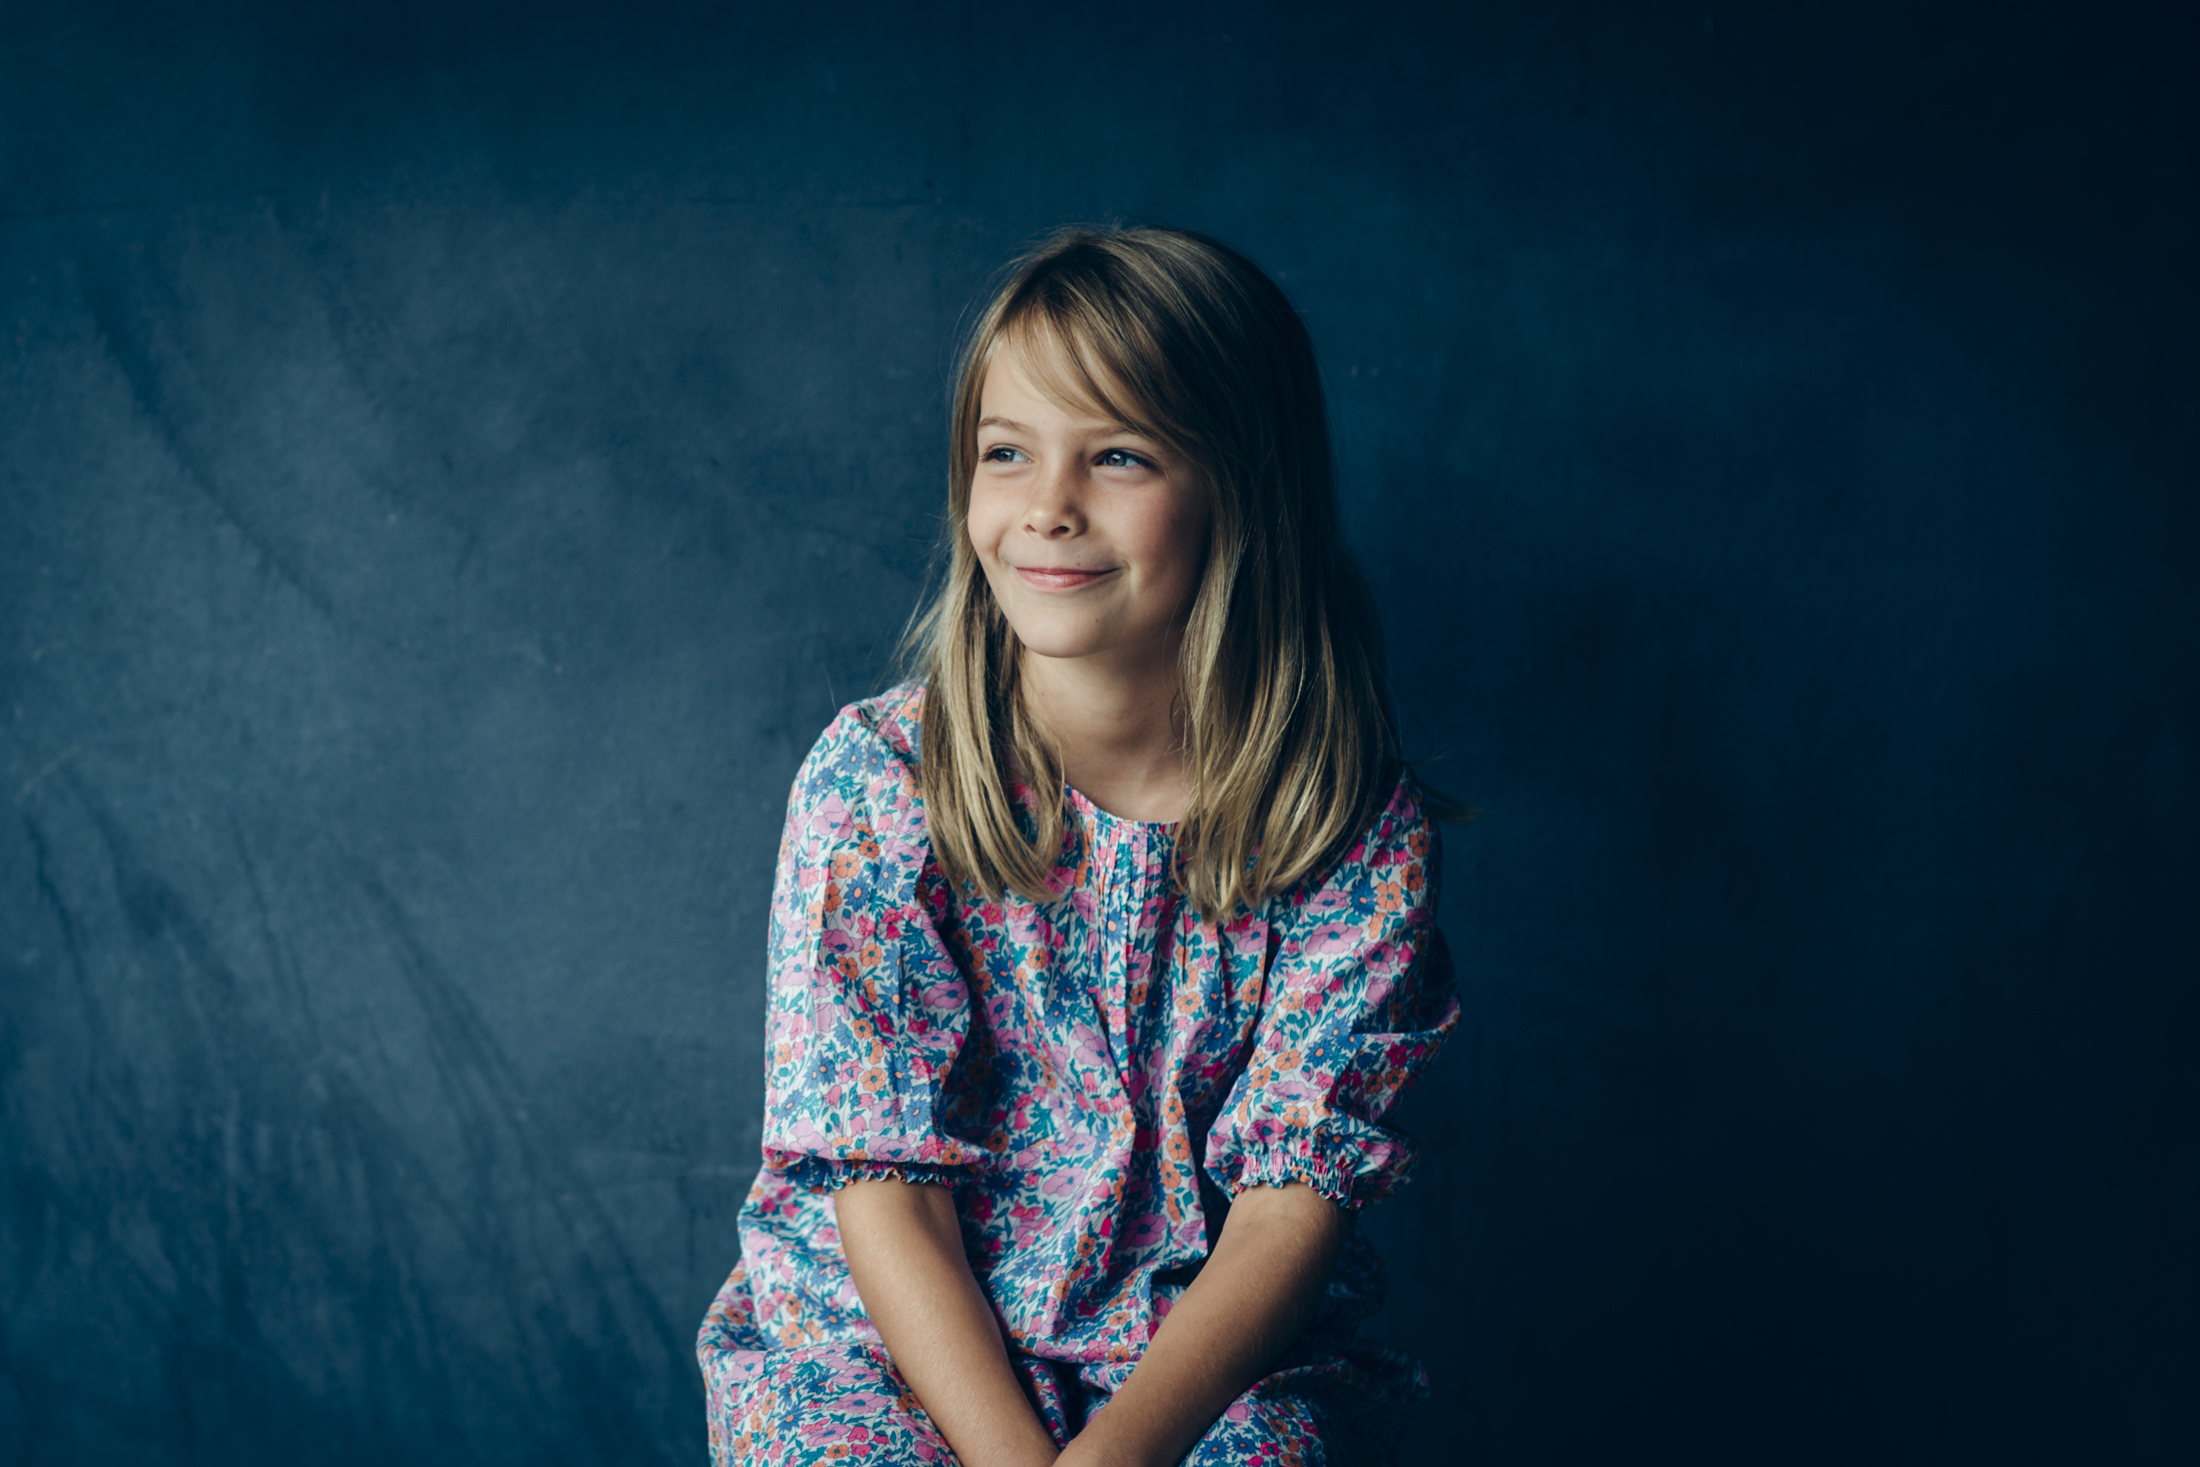 sydney_child_portrait_photgrapher_sheridan_nilsson-4730.jpg